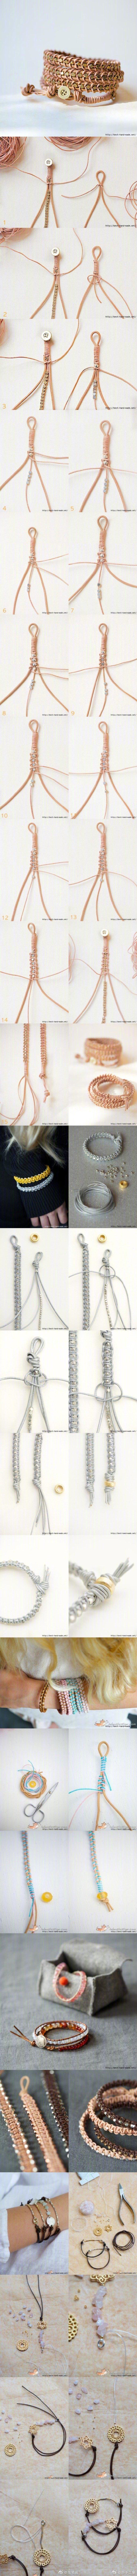 趣味手工DIY,9款编织手链,自己也可以动手做哦!